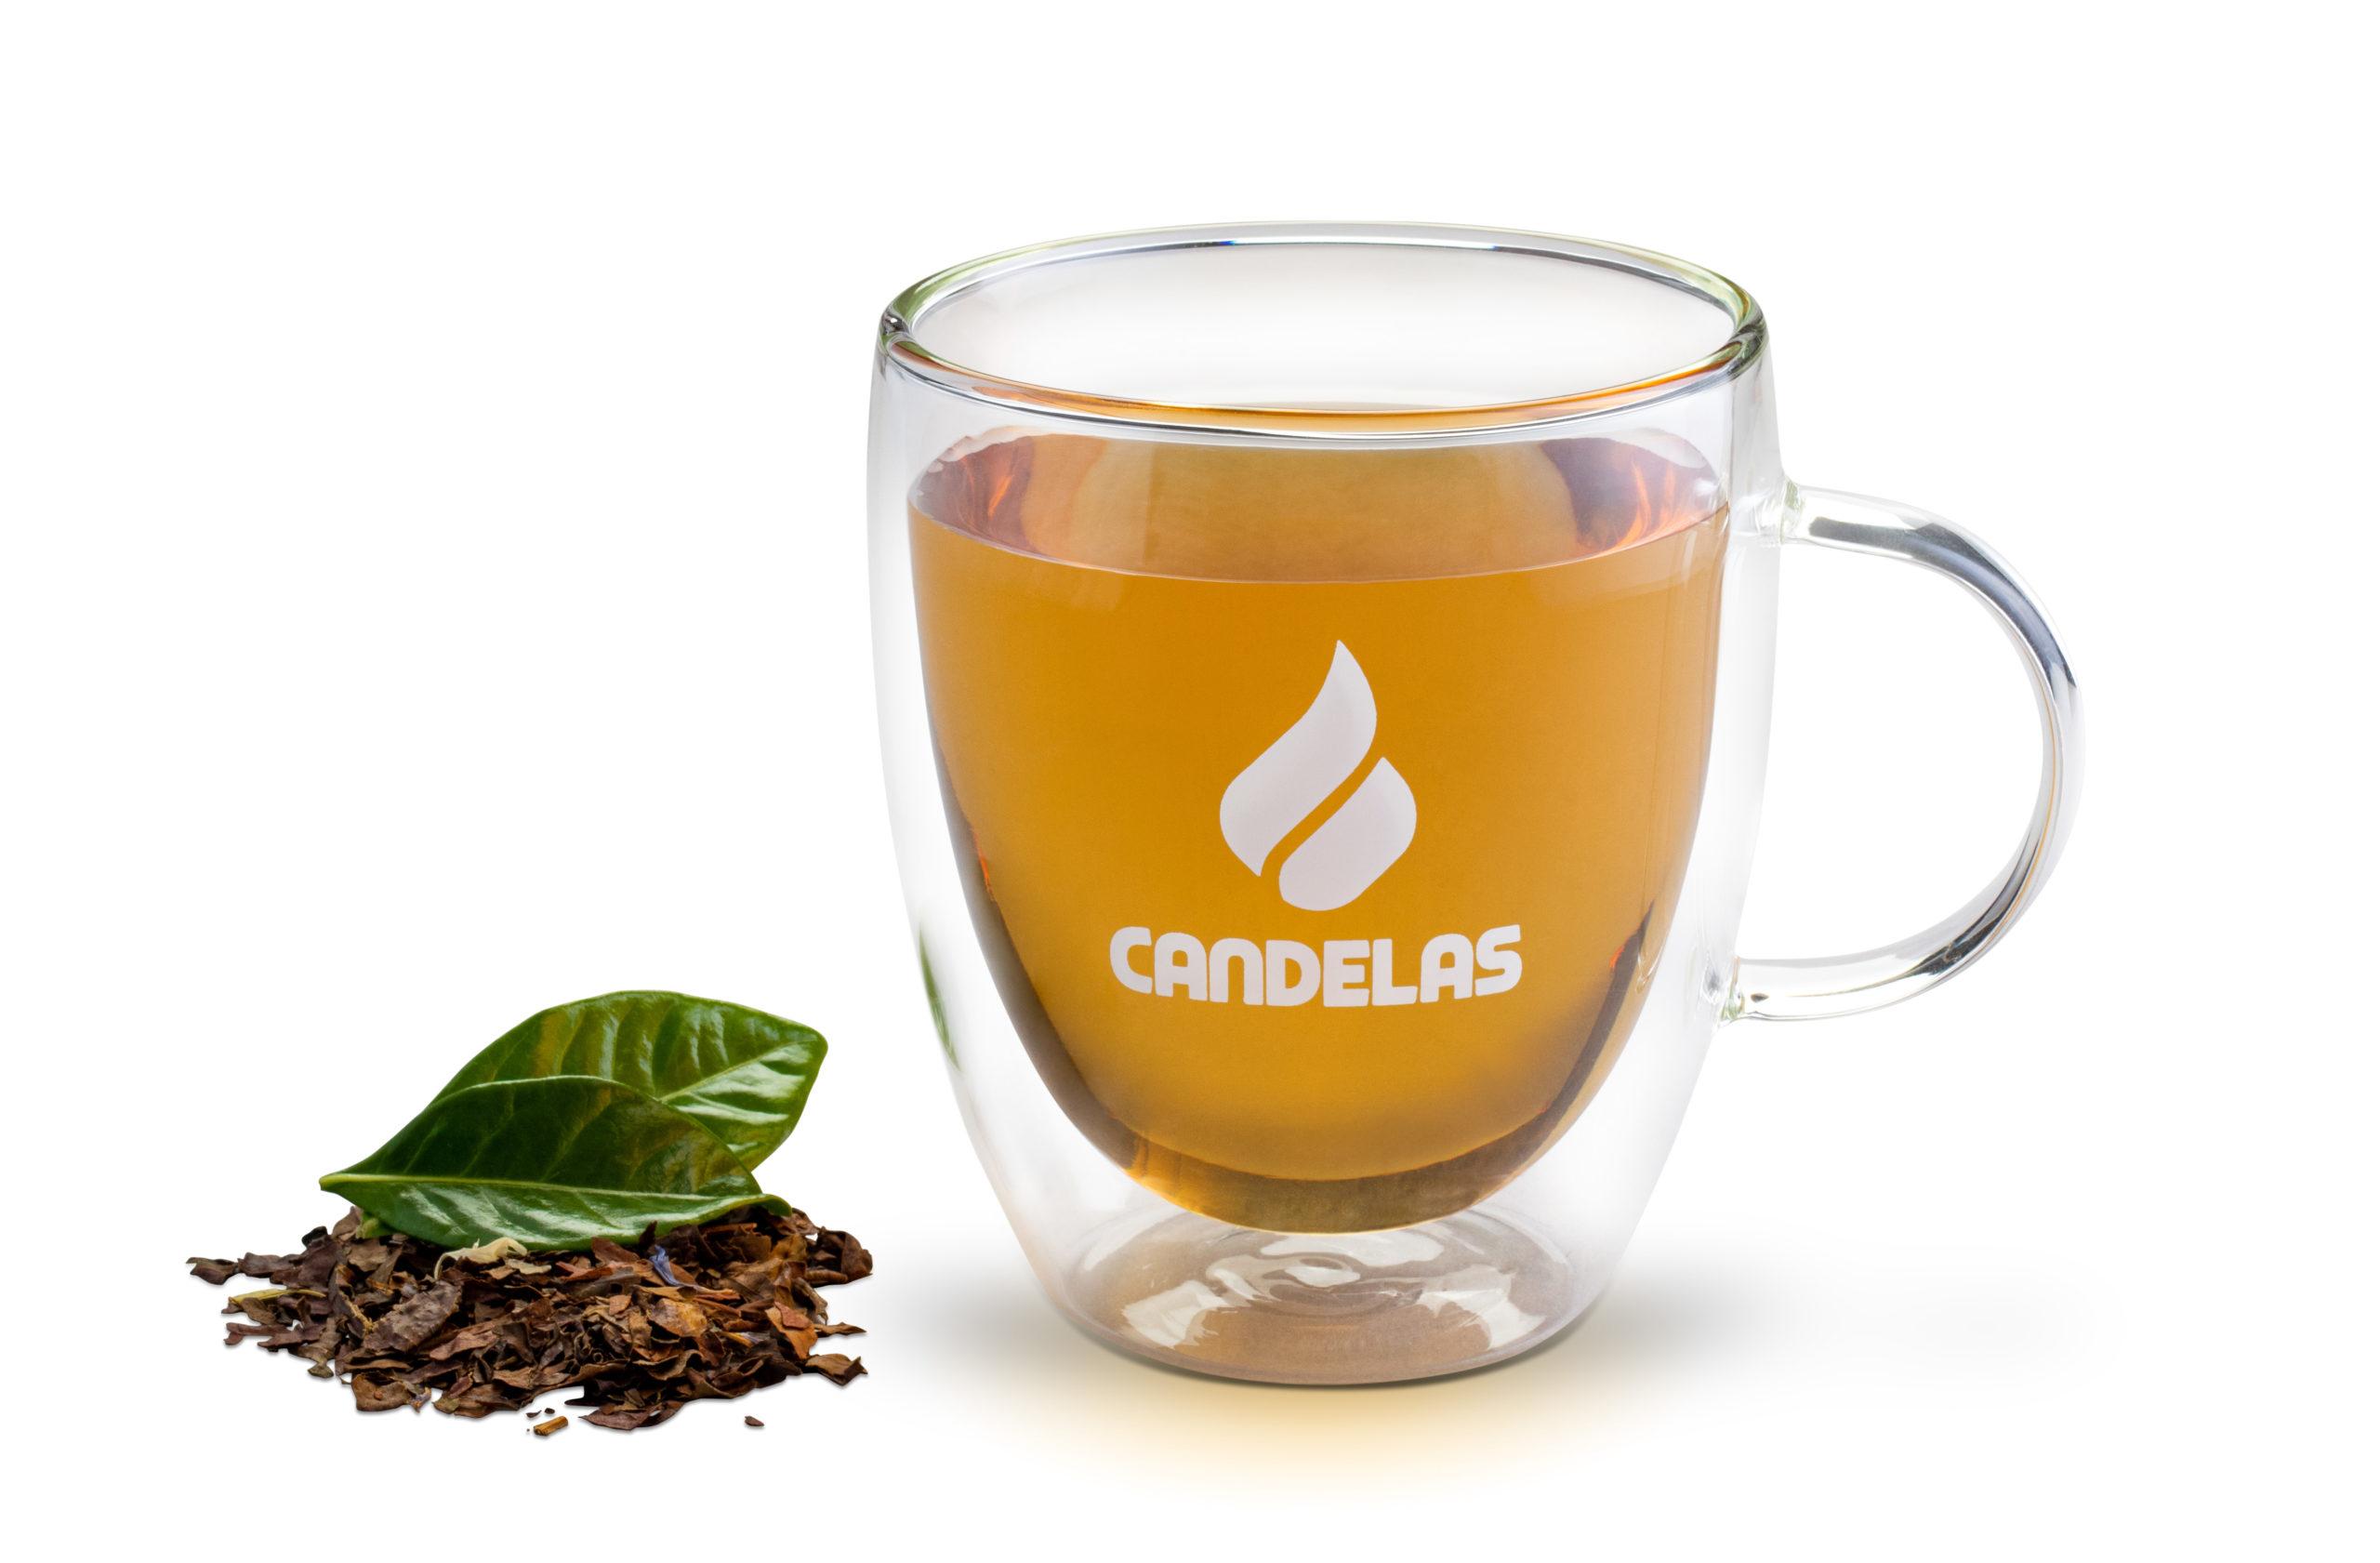 La infusión de hoja de cafeto llega a Europa con Candelas